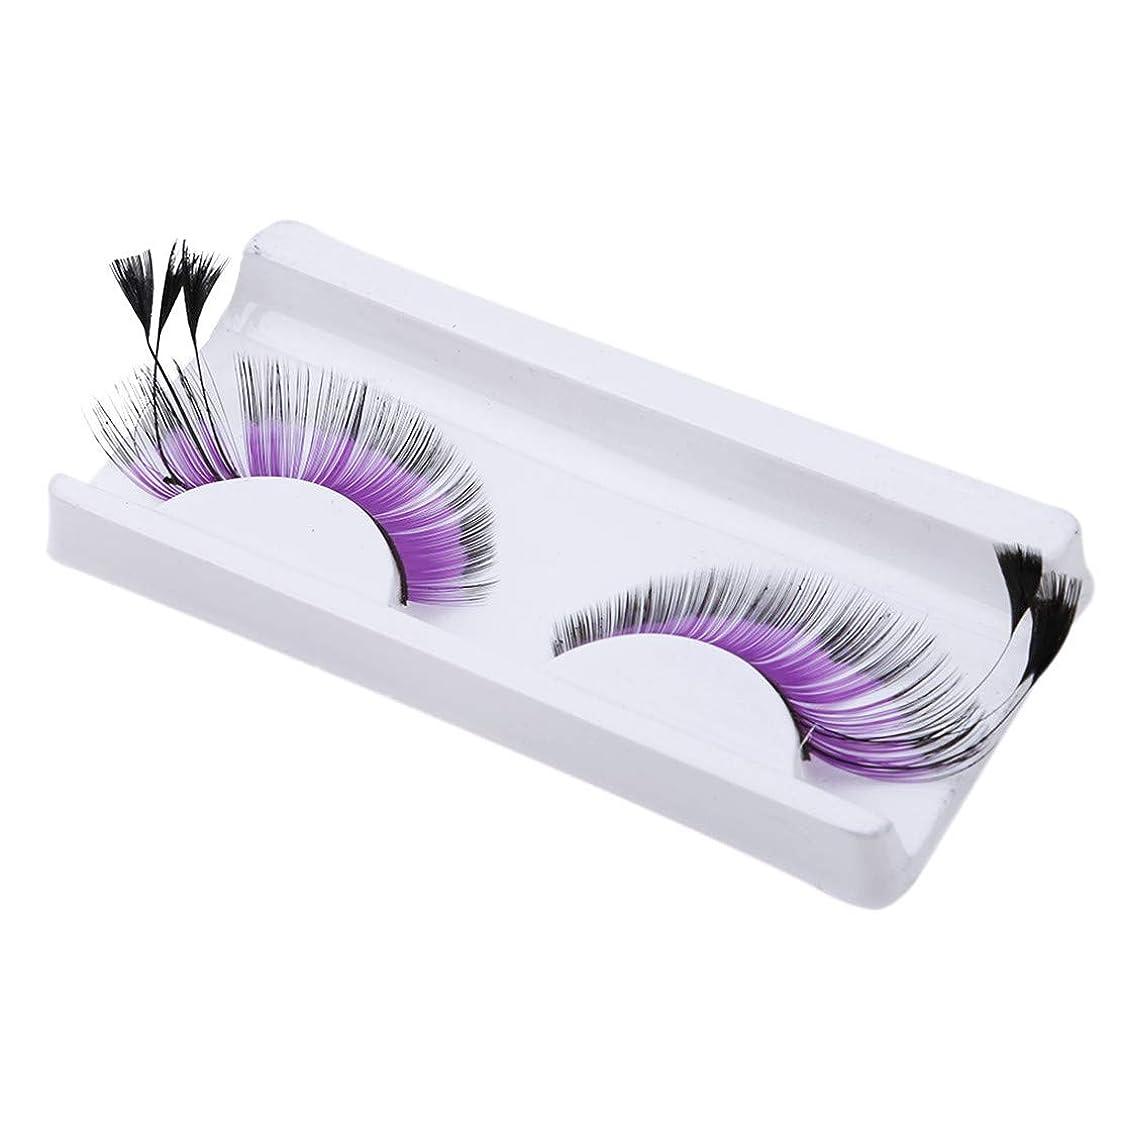 ファントム南極花に水をやるBotreelife つけまつげ自然で太い偽のまつげエクステンション化粧道具、紫